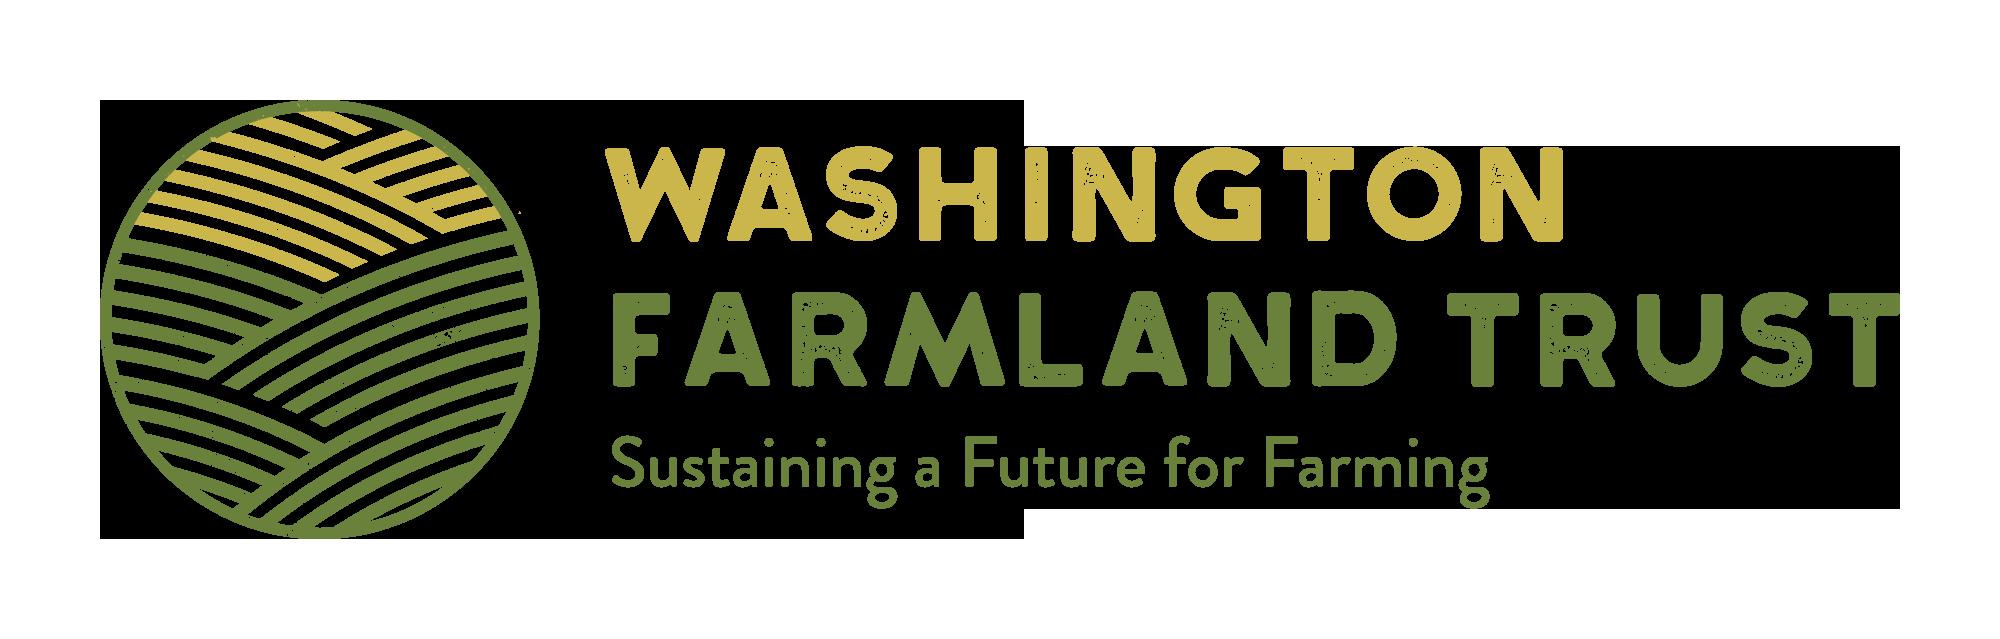 WA Farmland Trust logo